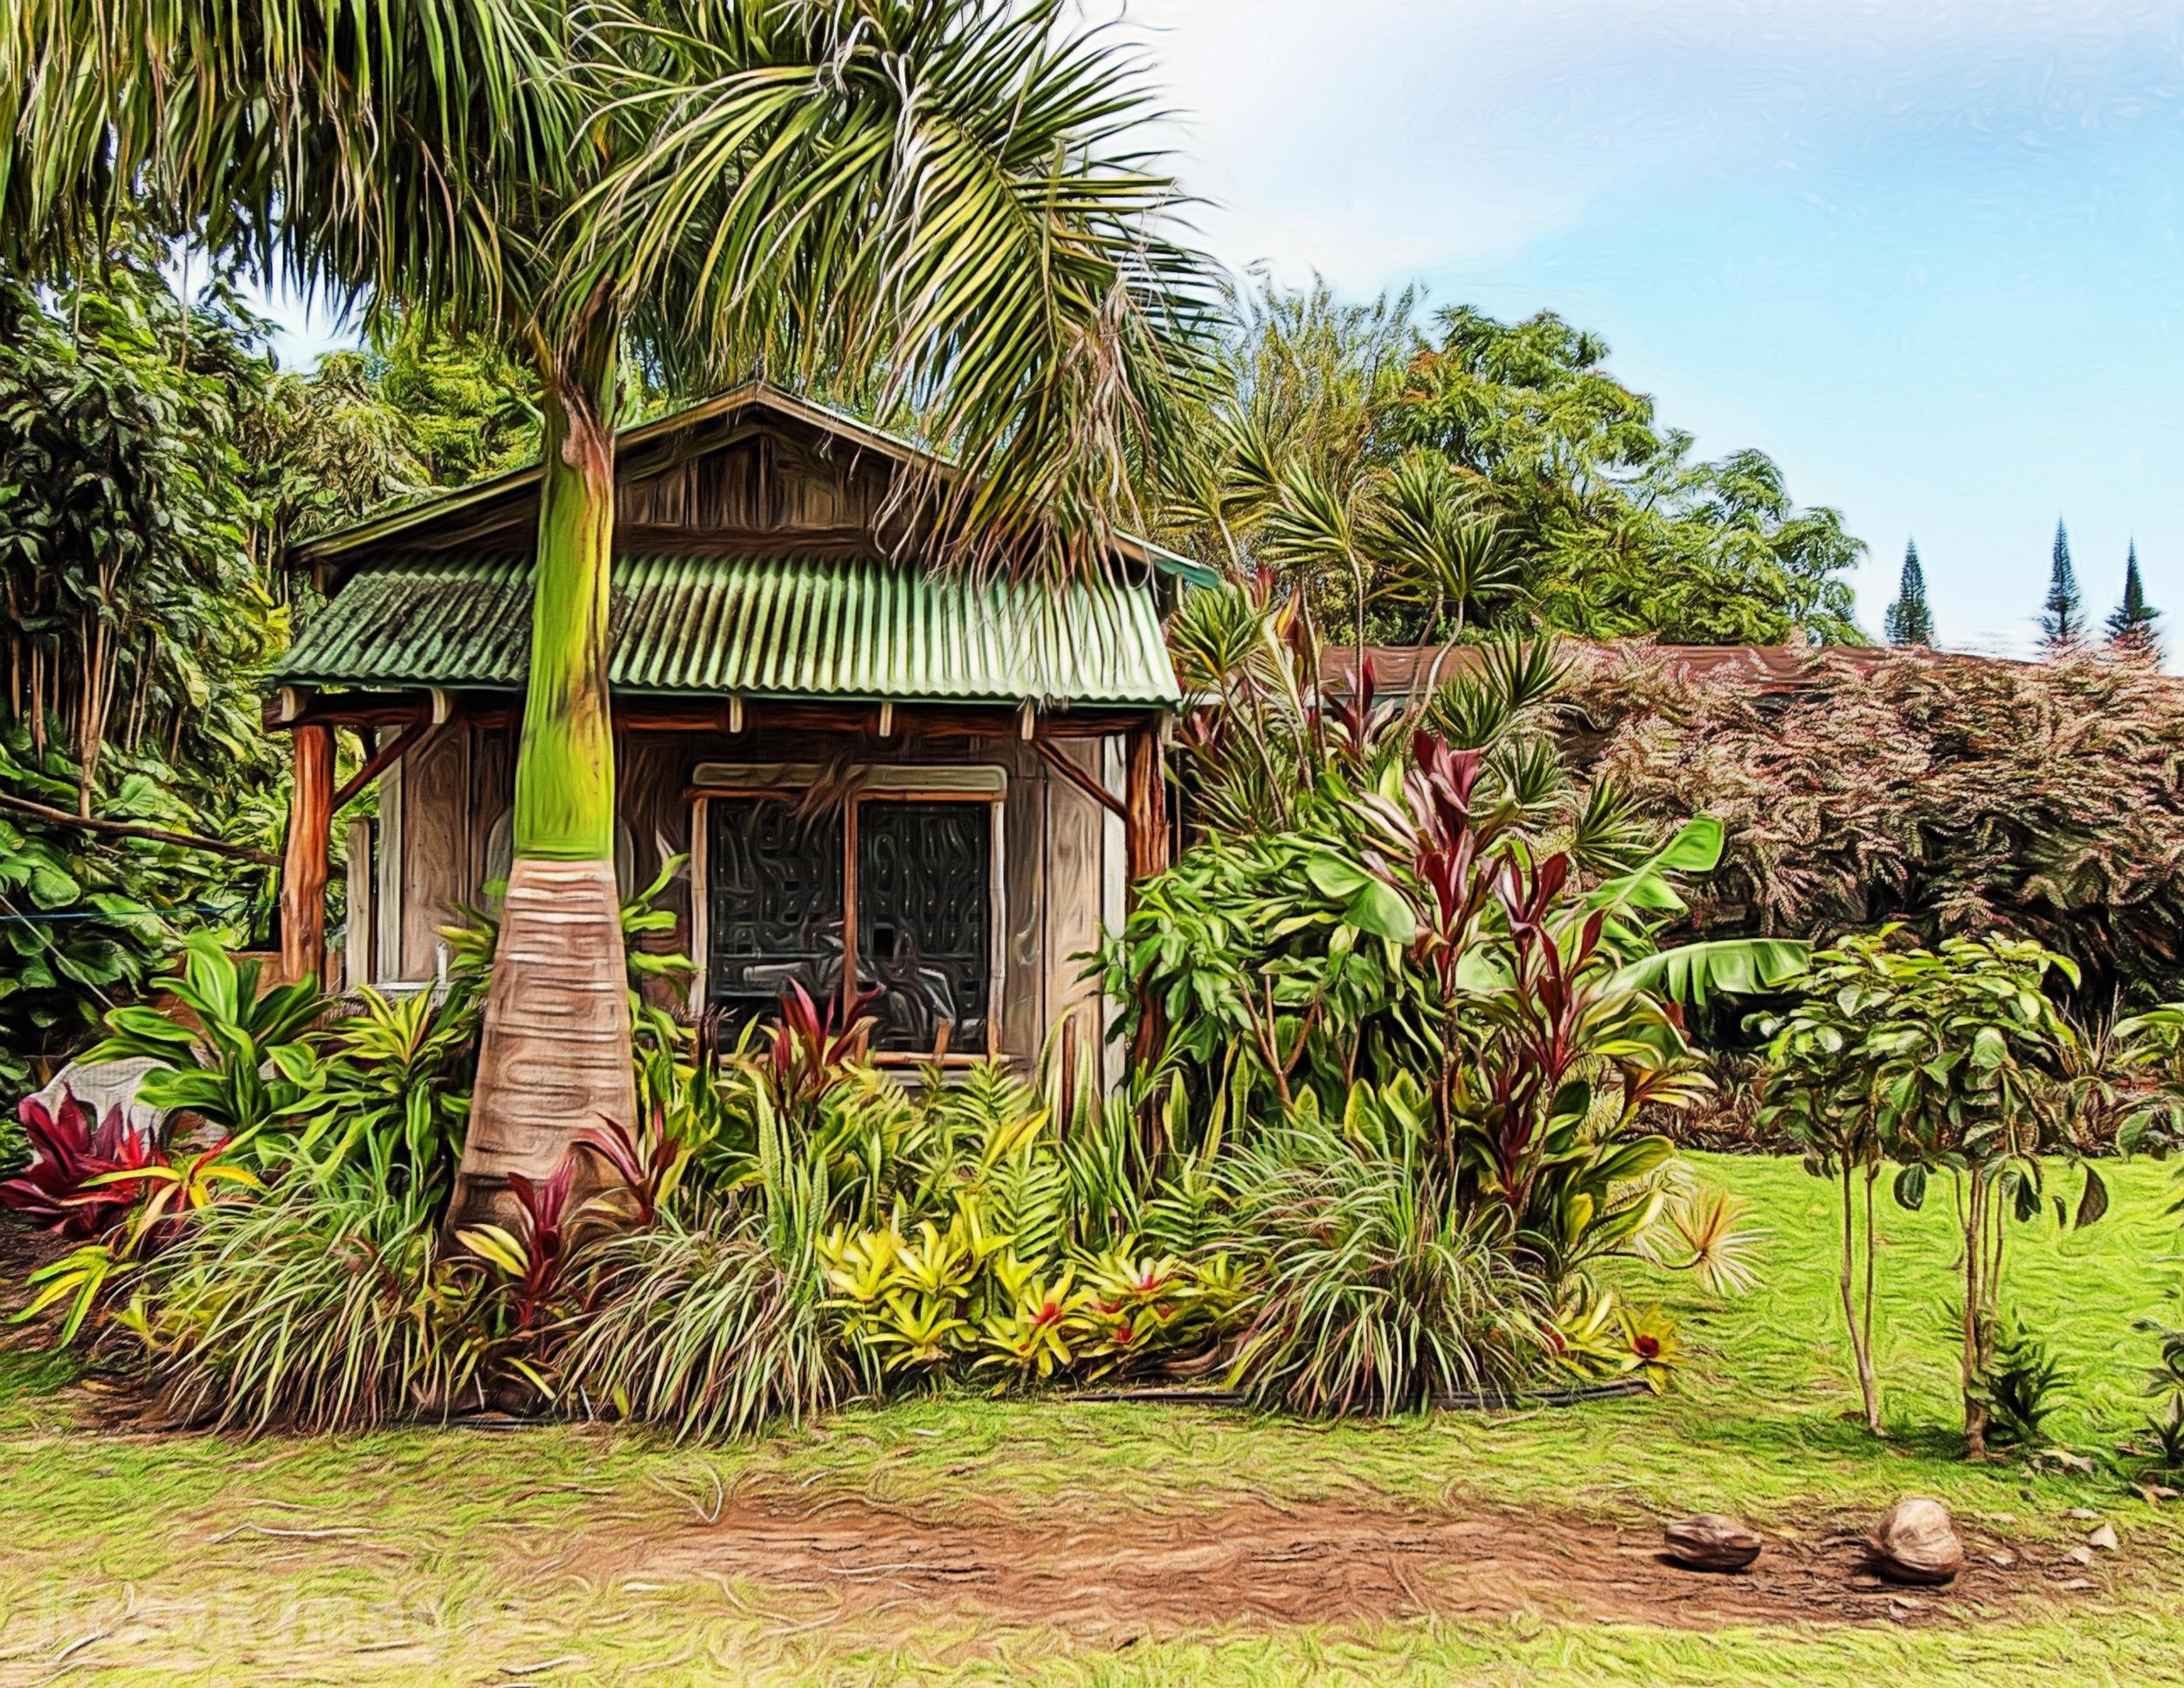 Hawaii_20040424039_01132015flattened_8.5x11.jpg